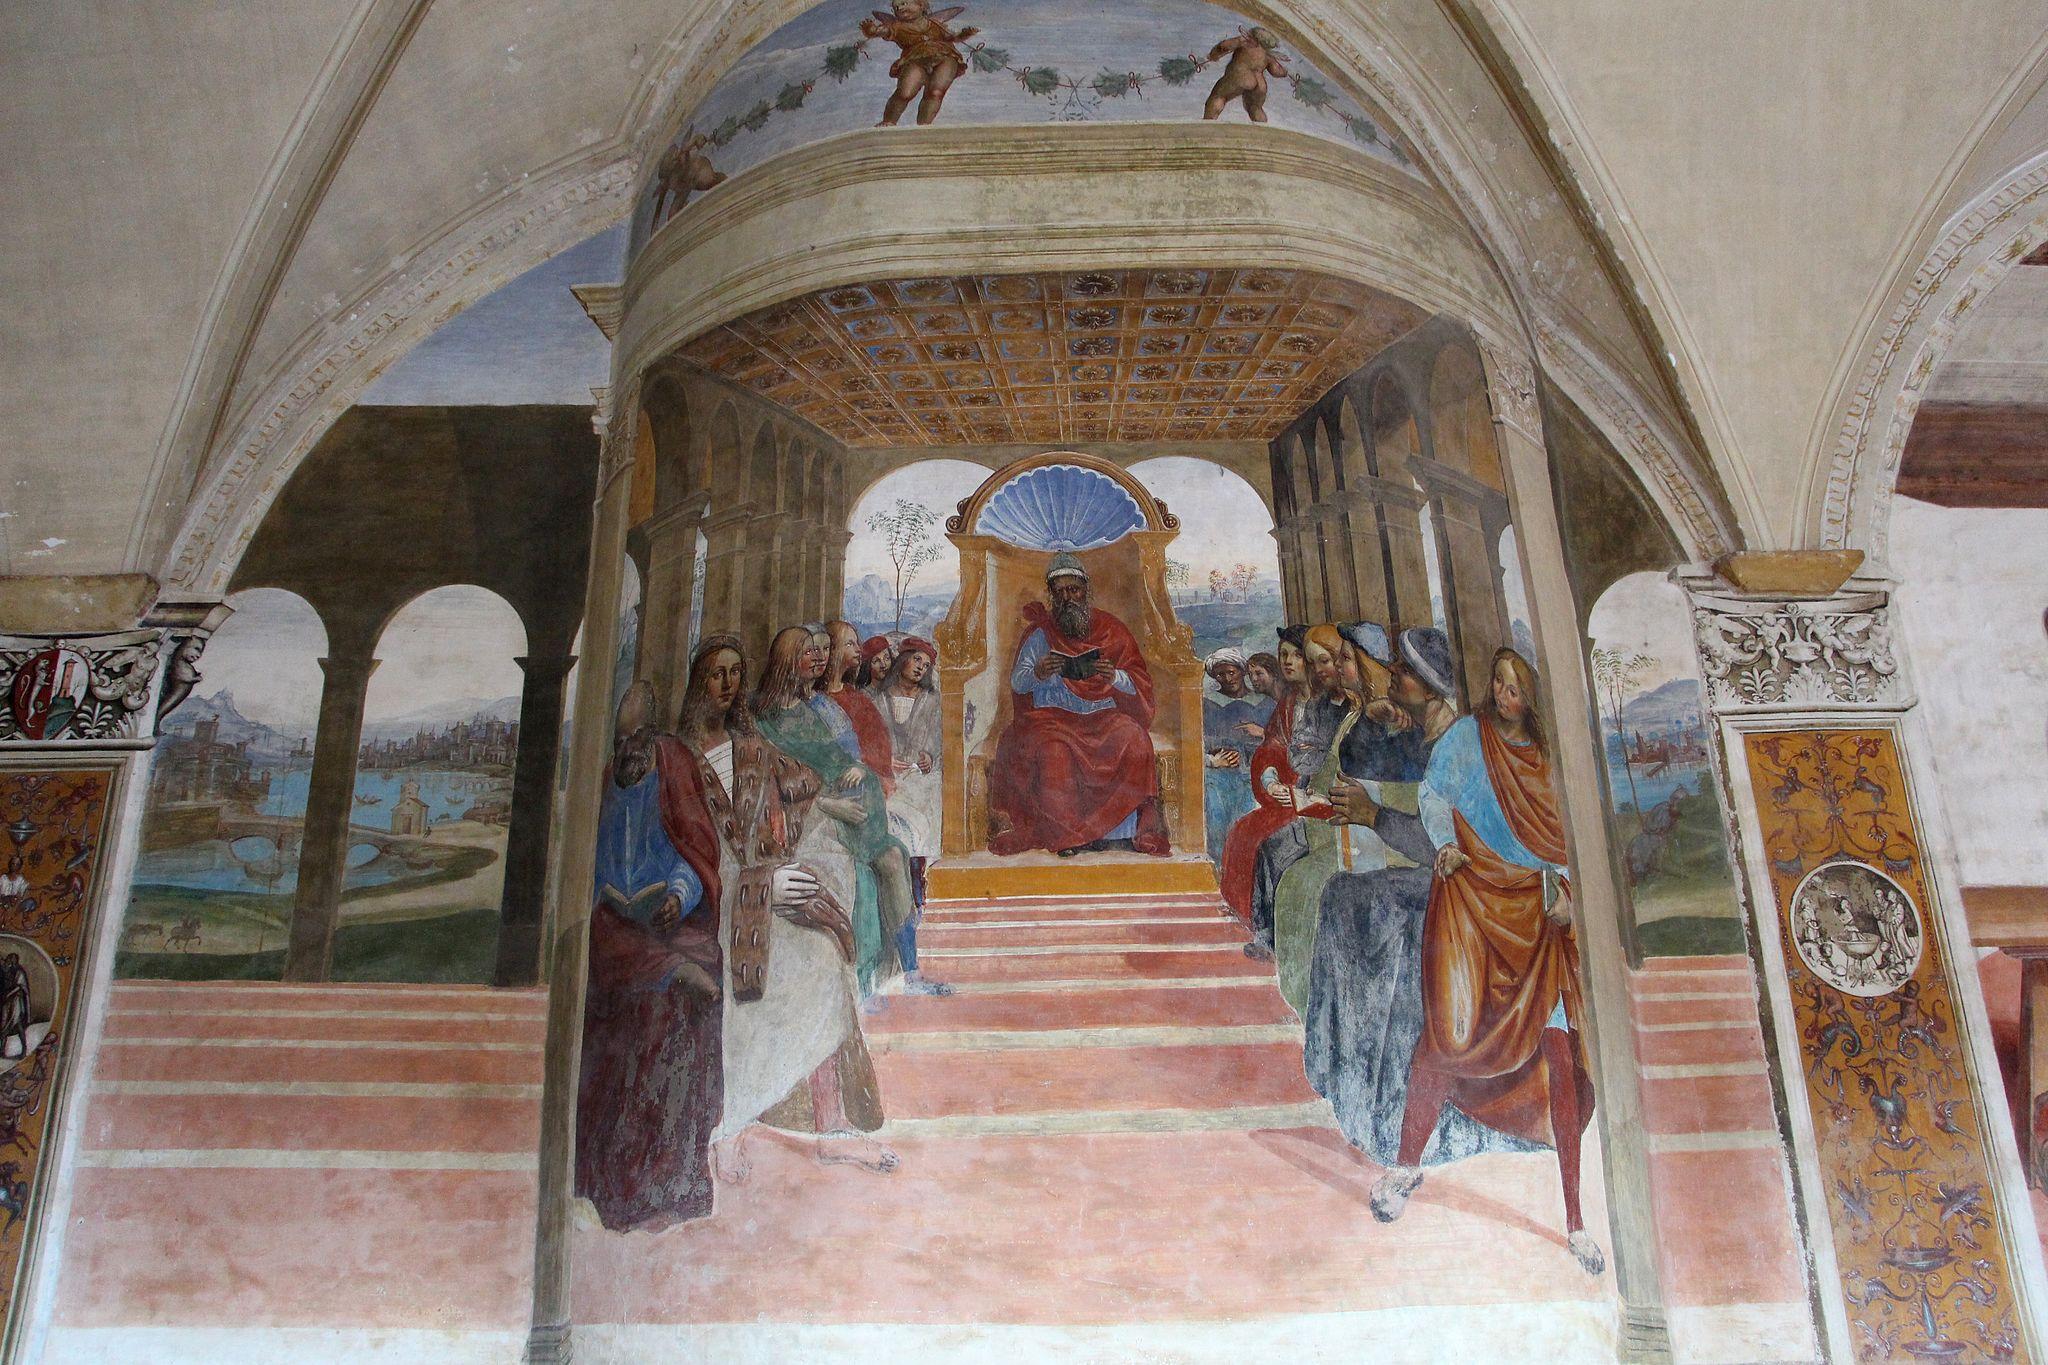 Storie di s. benedetto, 02 sodoma - Come Benedetto abbandona la scuola di roma 01